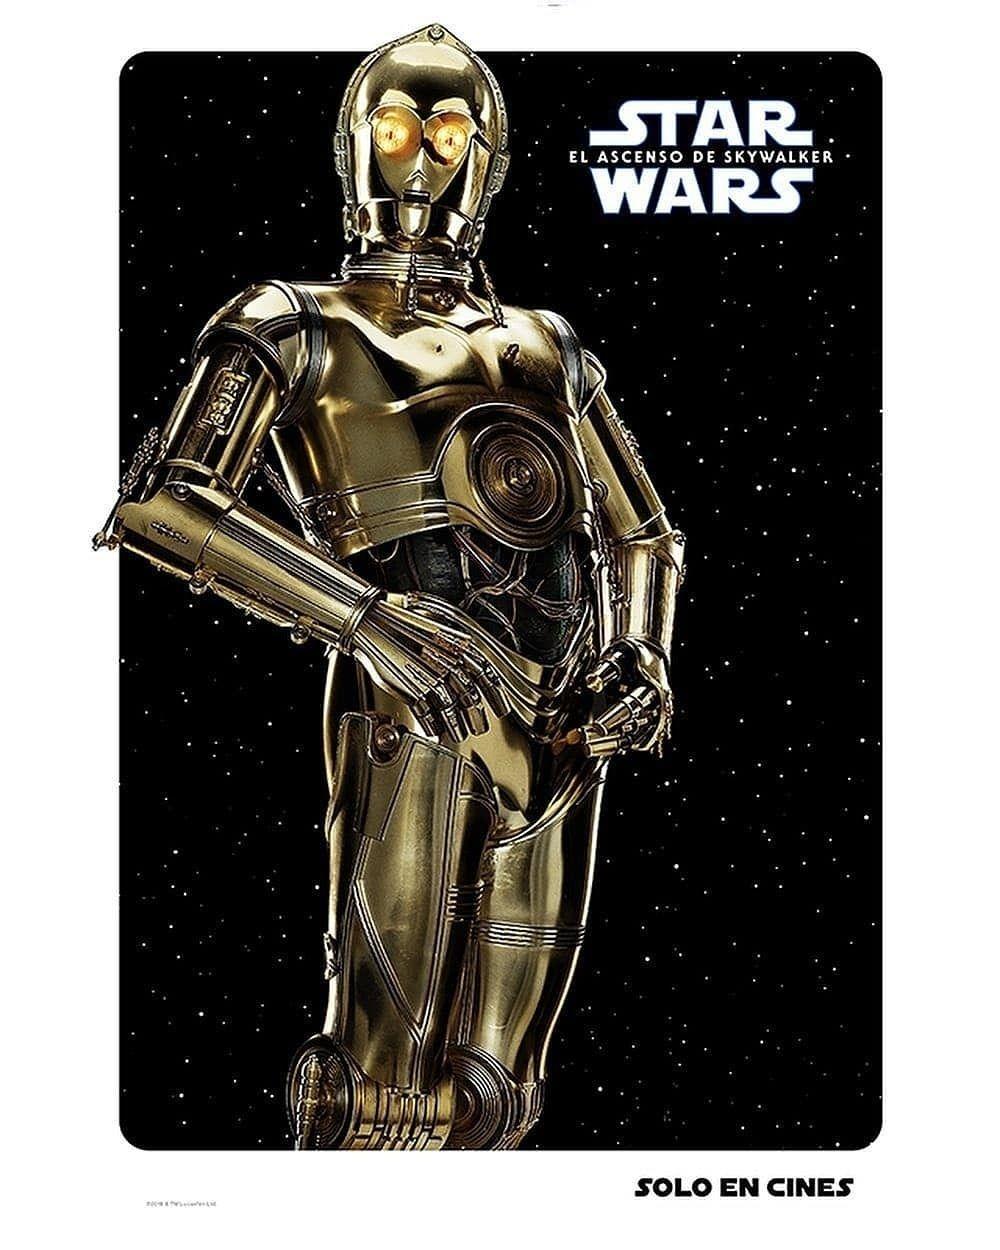 Star Wars El Ascenso De Skywalker Posters De Personajes Star Wars Solo En Cines Noticias De Cine